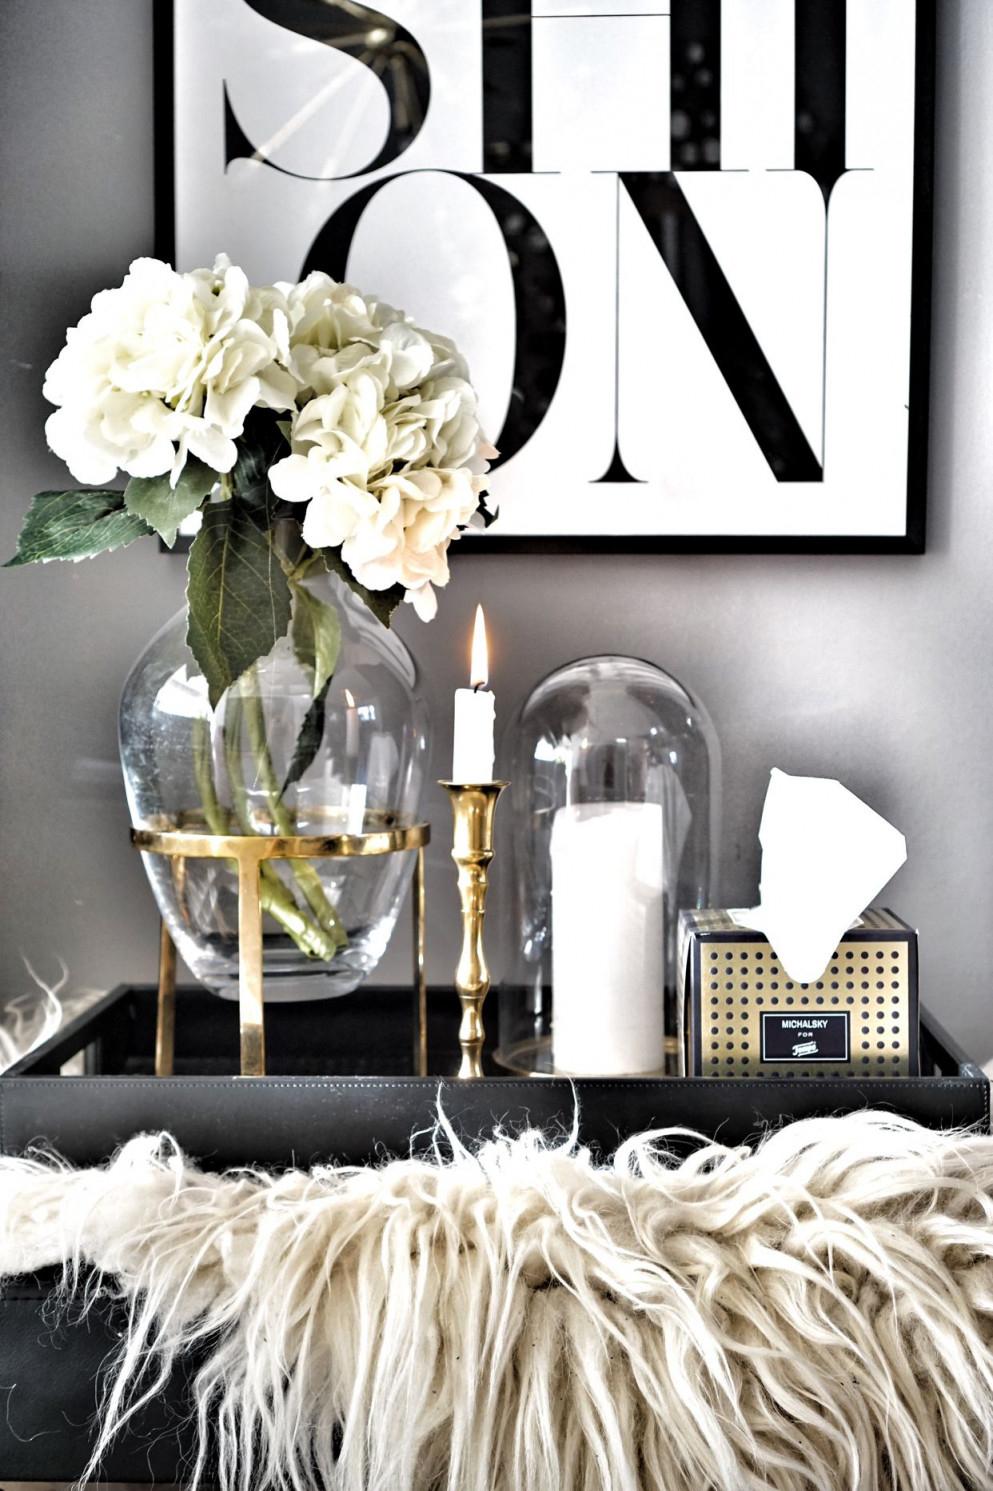 Wohnzimmer Details Tablett Vase(Werbung)  Wohnzimmer von Wohnzimmer Schwarz Weiß Einrichten Bild